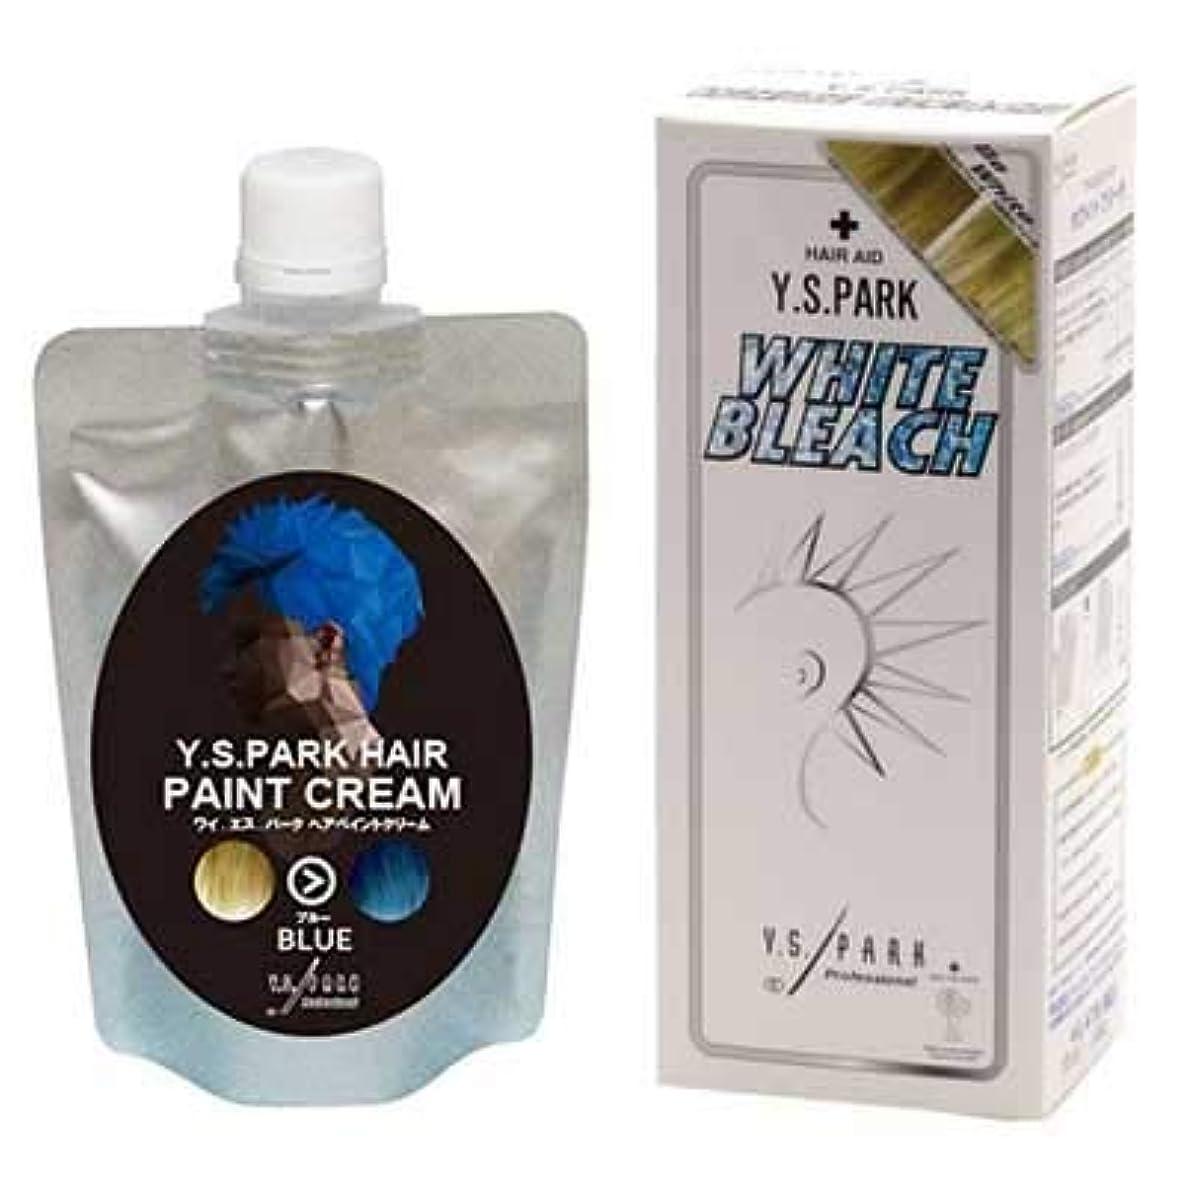 アクティブ脅迫蛇行Y.S.PARKヘアペイントクリーム ブルー 200g & Y.S.PARKホワイトブリーチセット